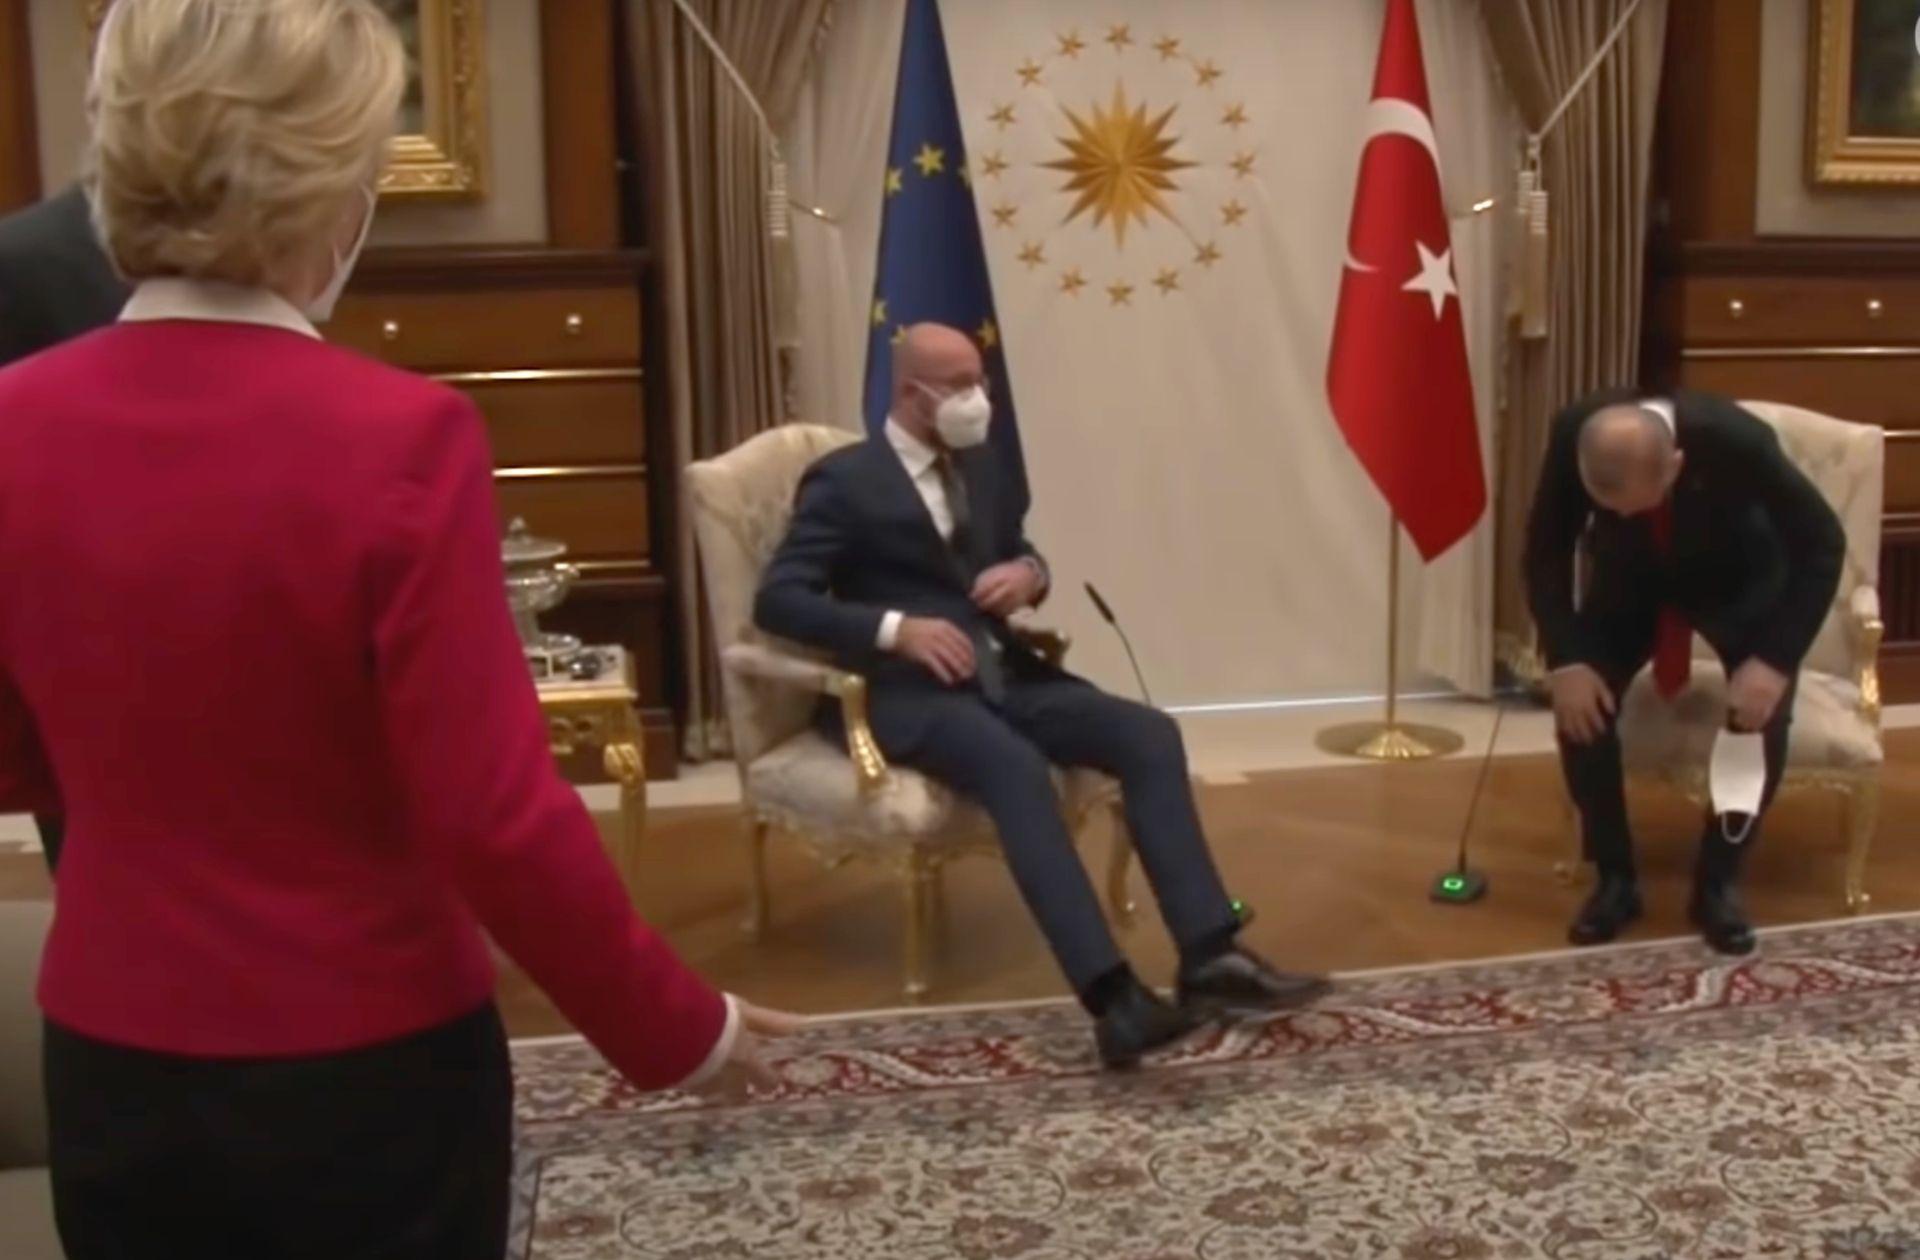 « Sofagate » : comment une affaire de chaise manquante a créé un incident en Turquie